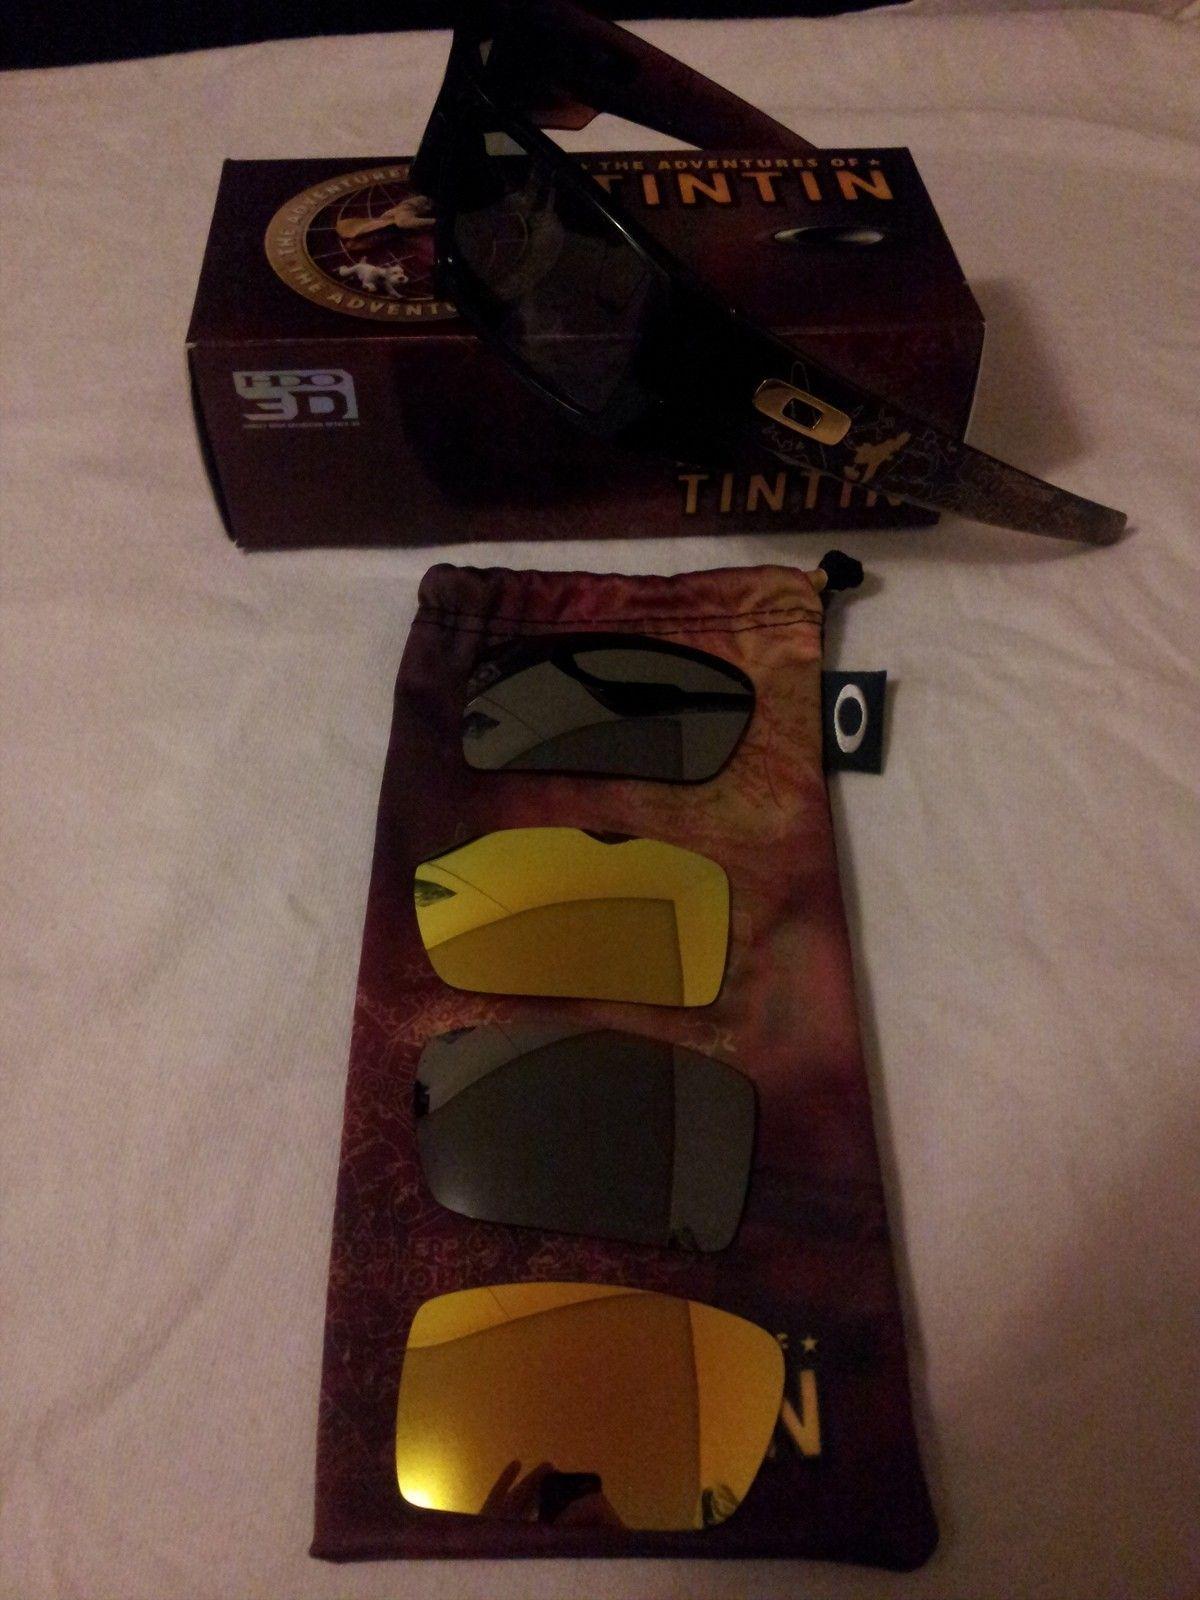 Wtt Custom Tin Tins For Some Lenses - 8279155524_3d45ae4697_h.jpg